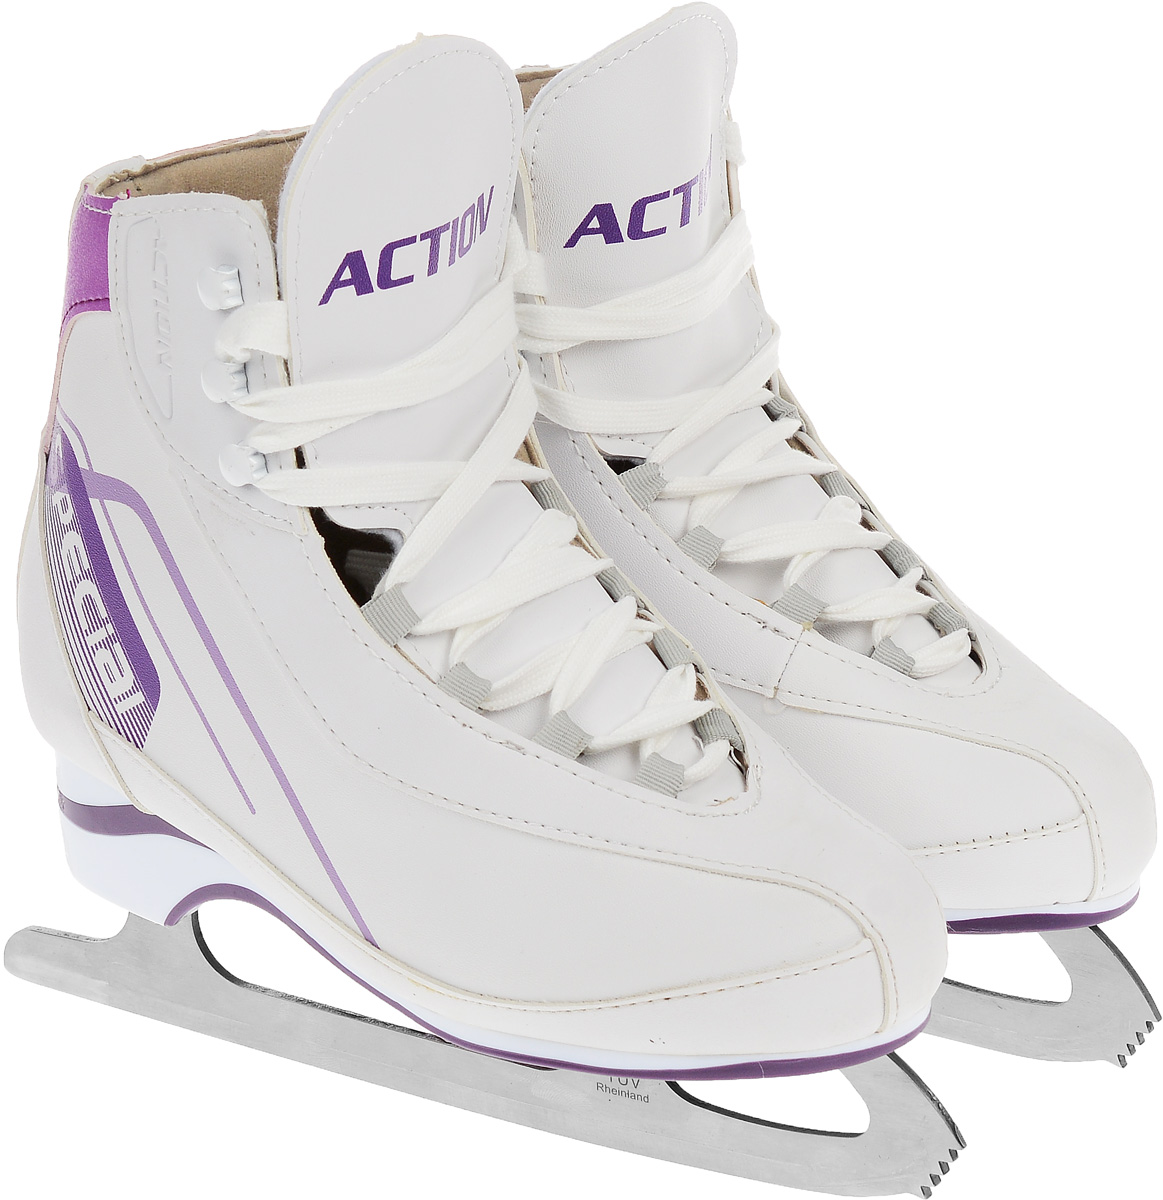 Коньки фигурные женские Sporting Goods, цвет: белый, фиолетовый. PW-221. Размер 41